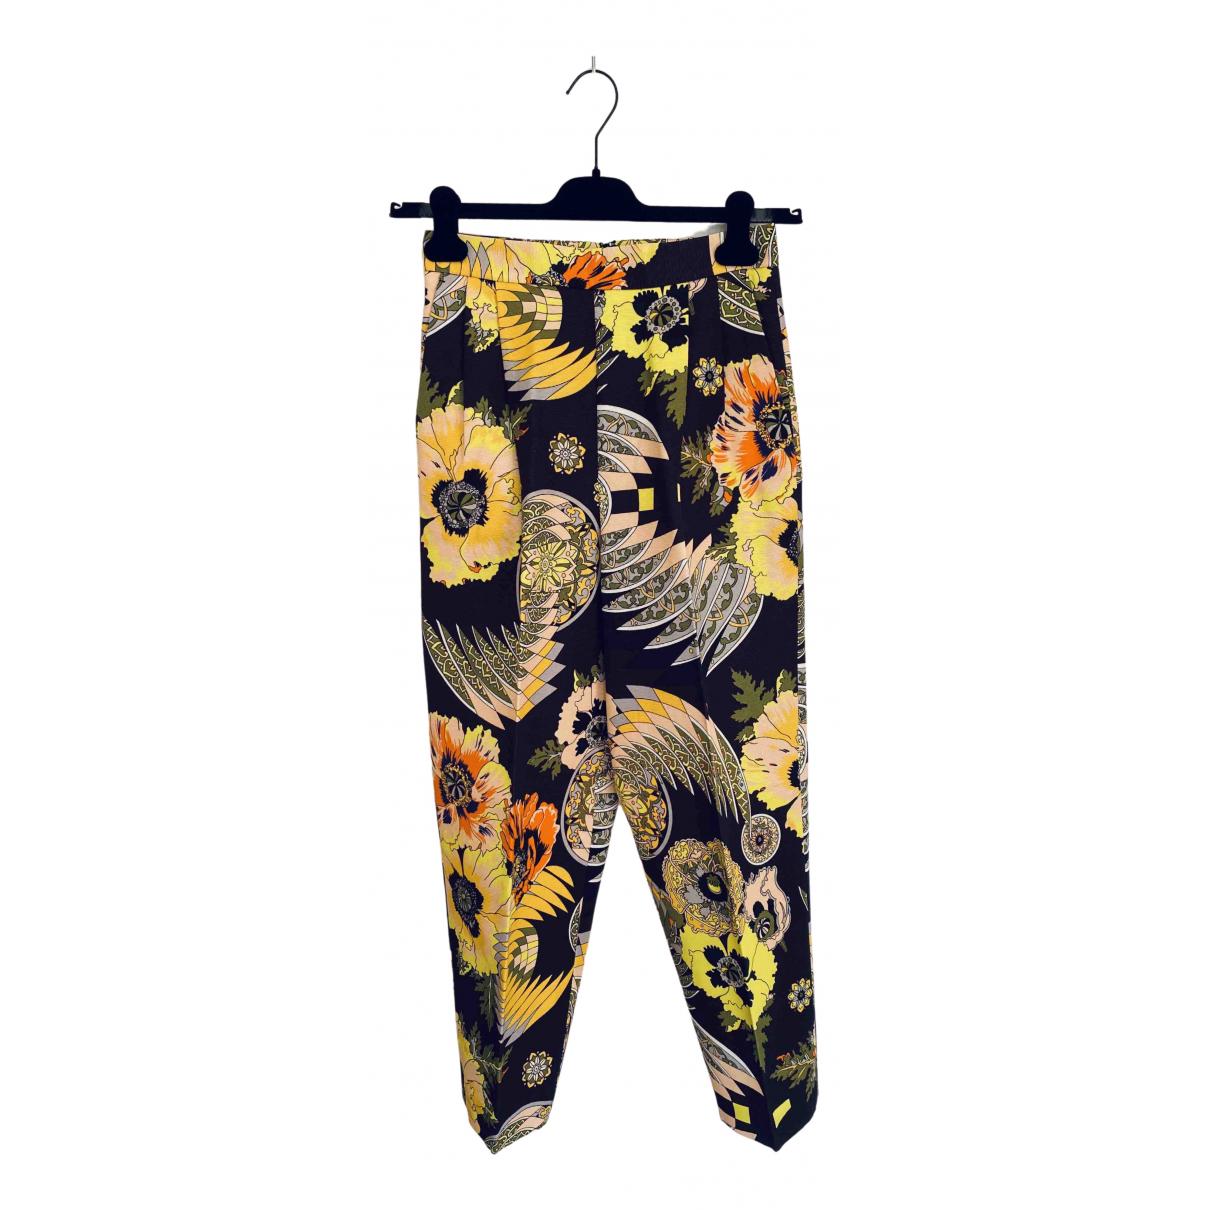 Pantalon en Algodon Multicolor Msgm